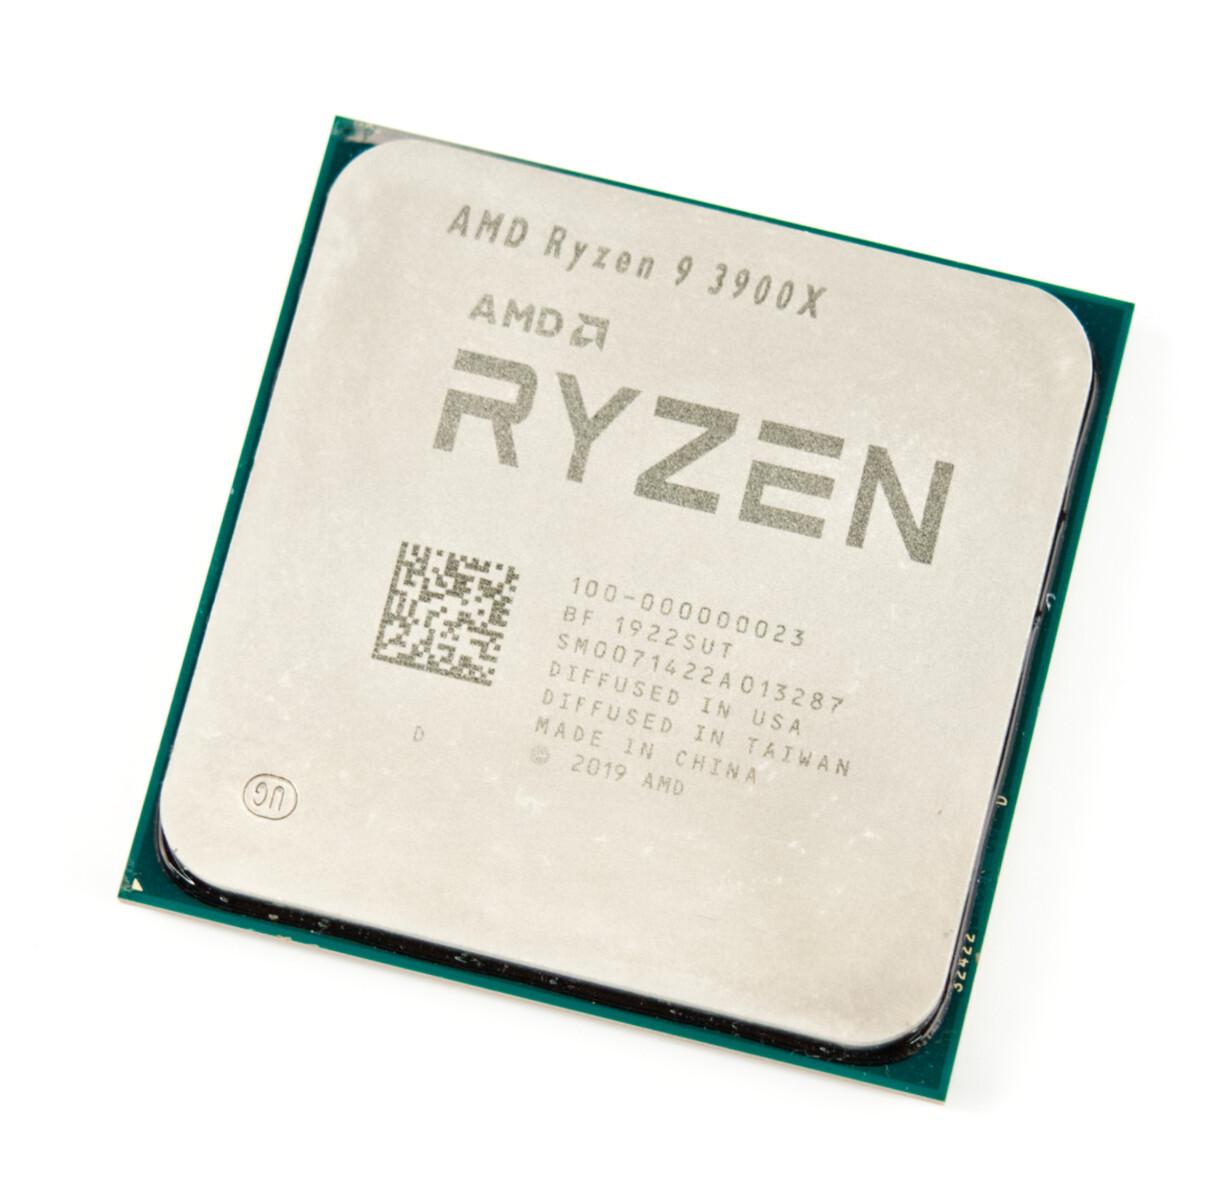 Amd Ryzen 9 3900x Vs Intel Core I9 9900k